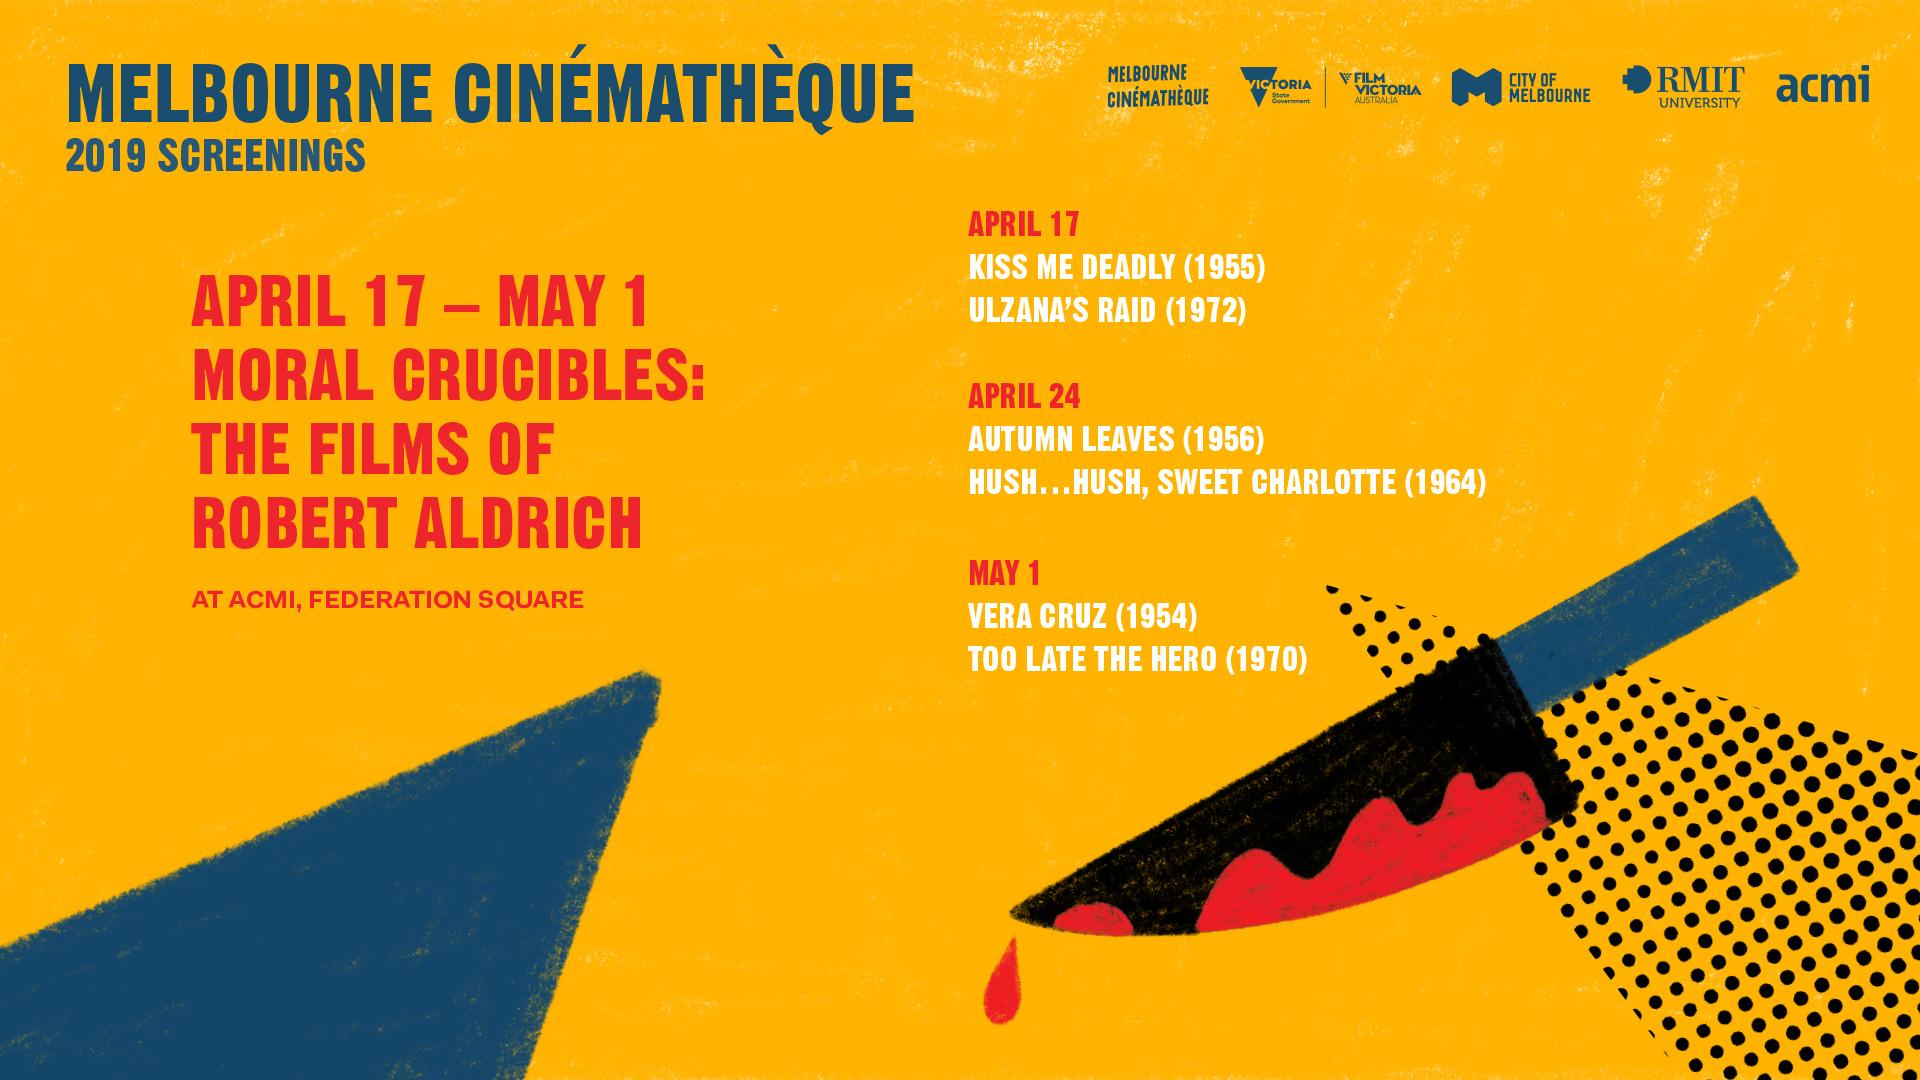 cinematheque-2019-slides-FA-aldrich.jpg